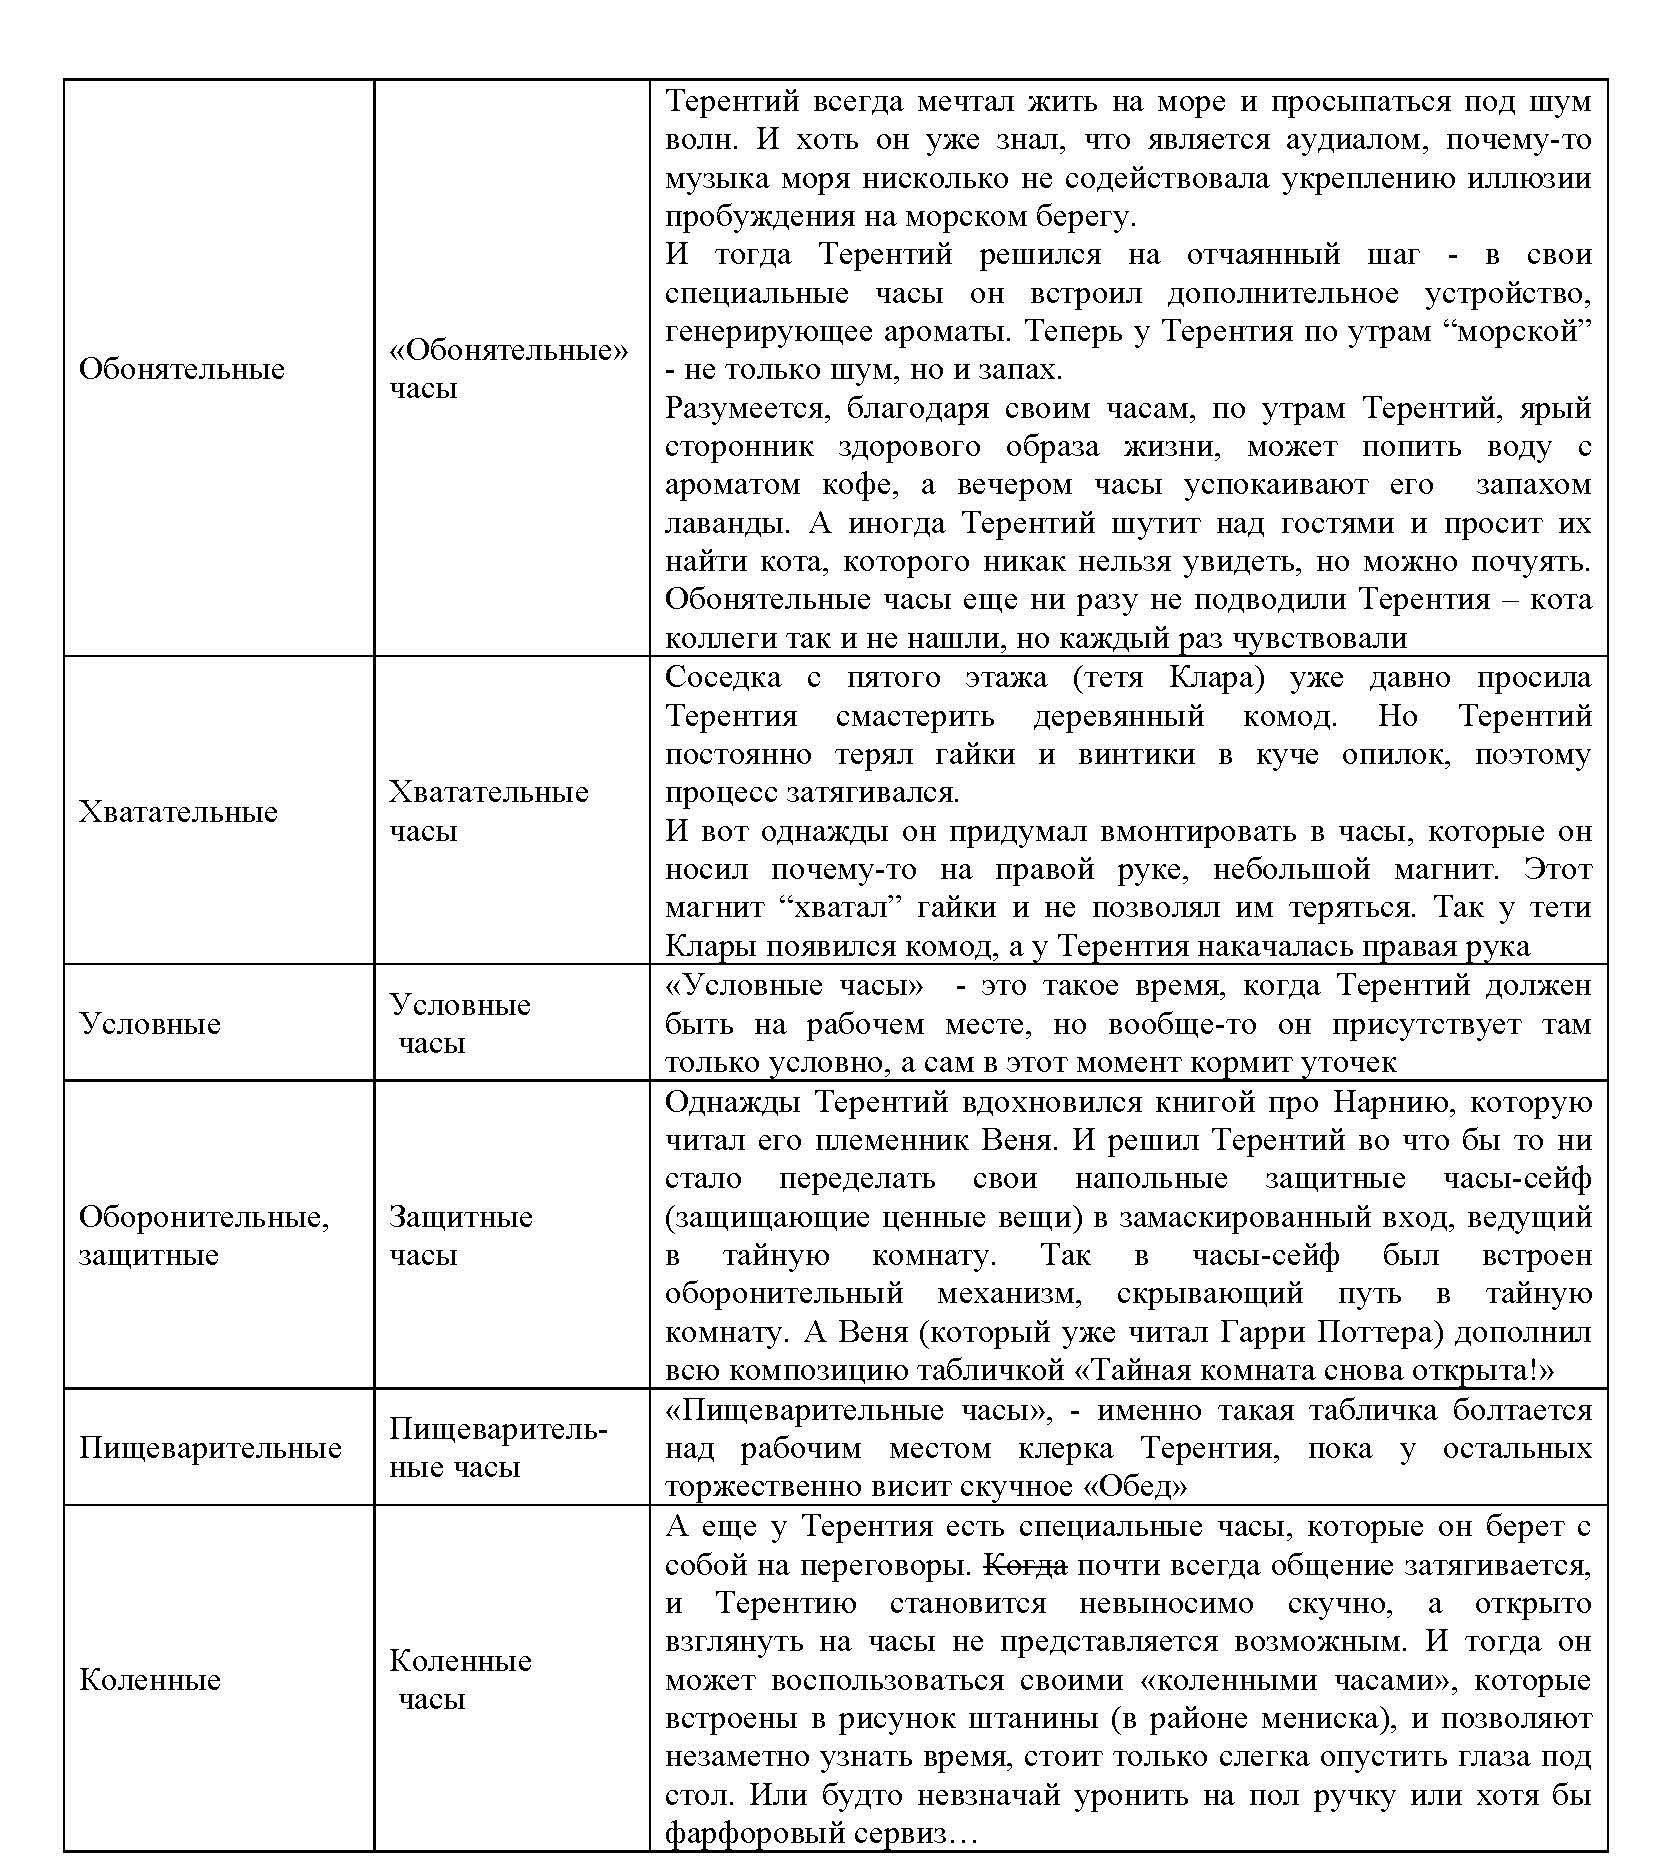 МФО и др._Страница_06